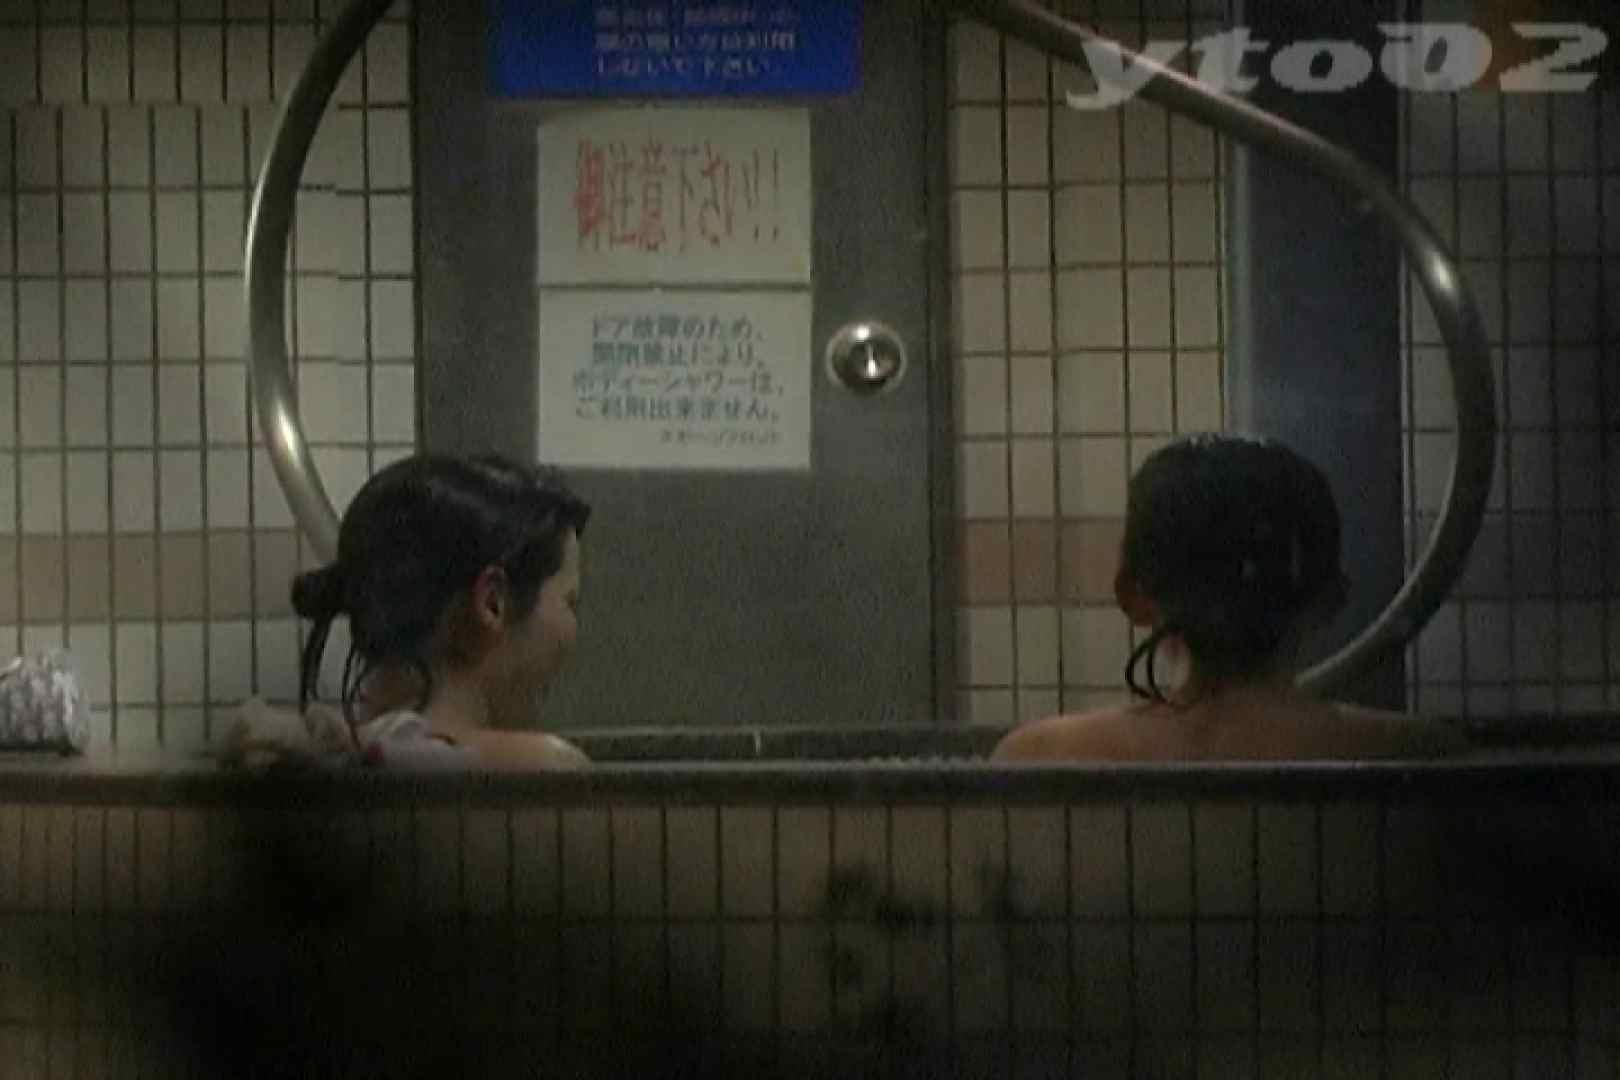 【期間限定配信】合宿ホテル女風呂盗撮 Vol.15 OLのボディ   盗撮  62PIX 22